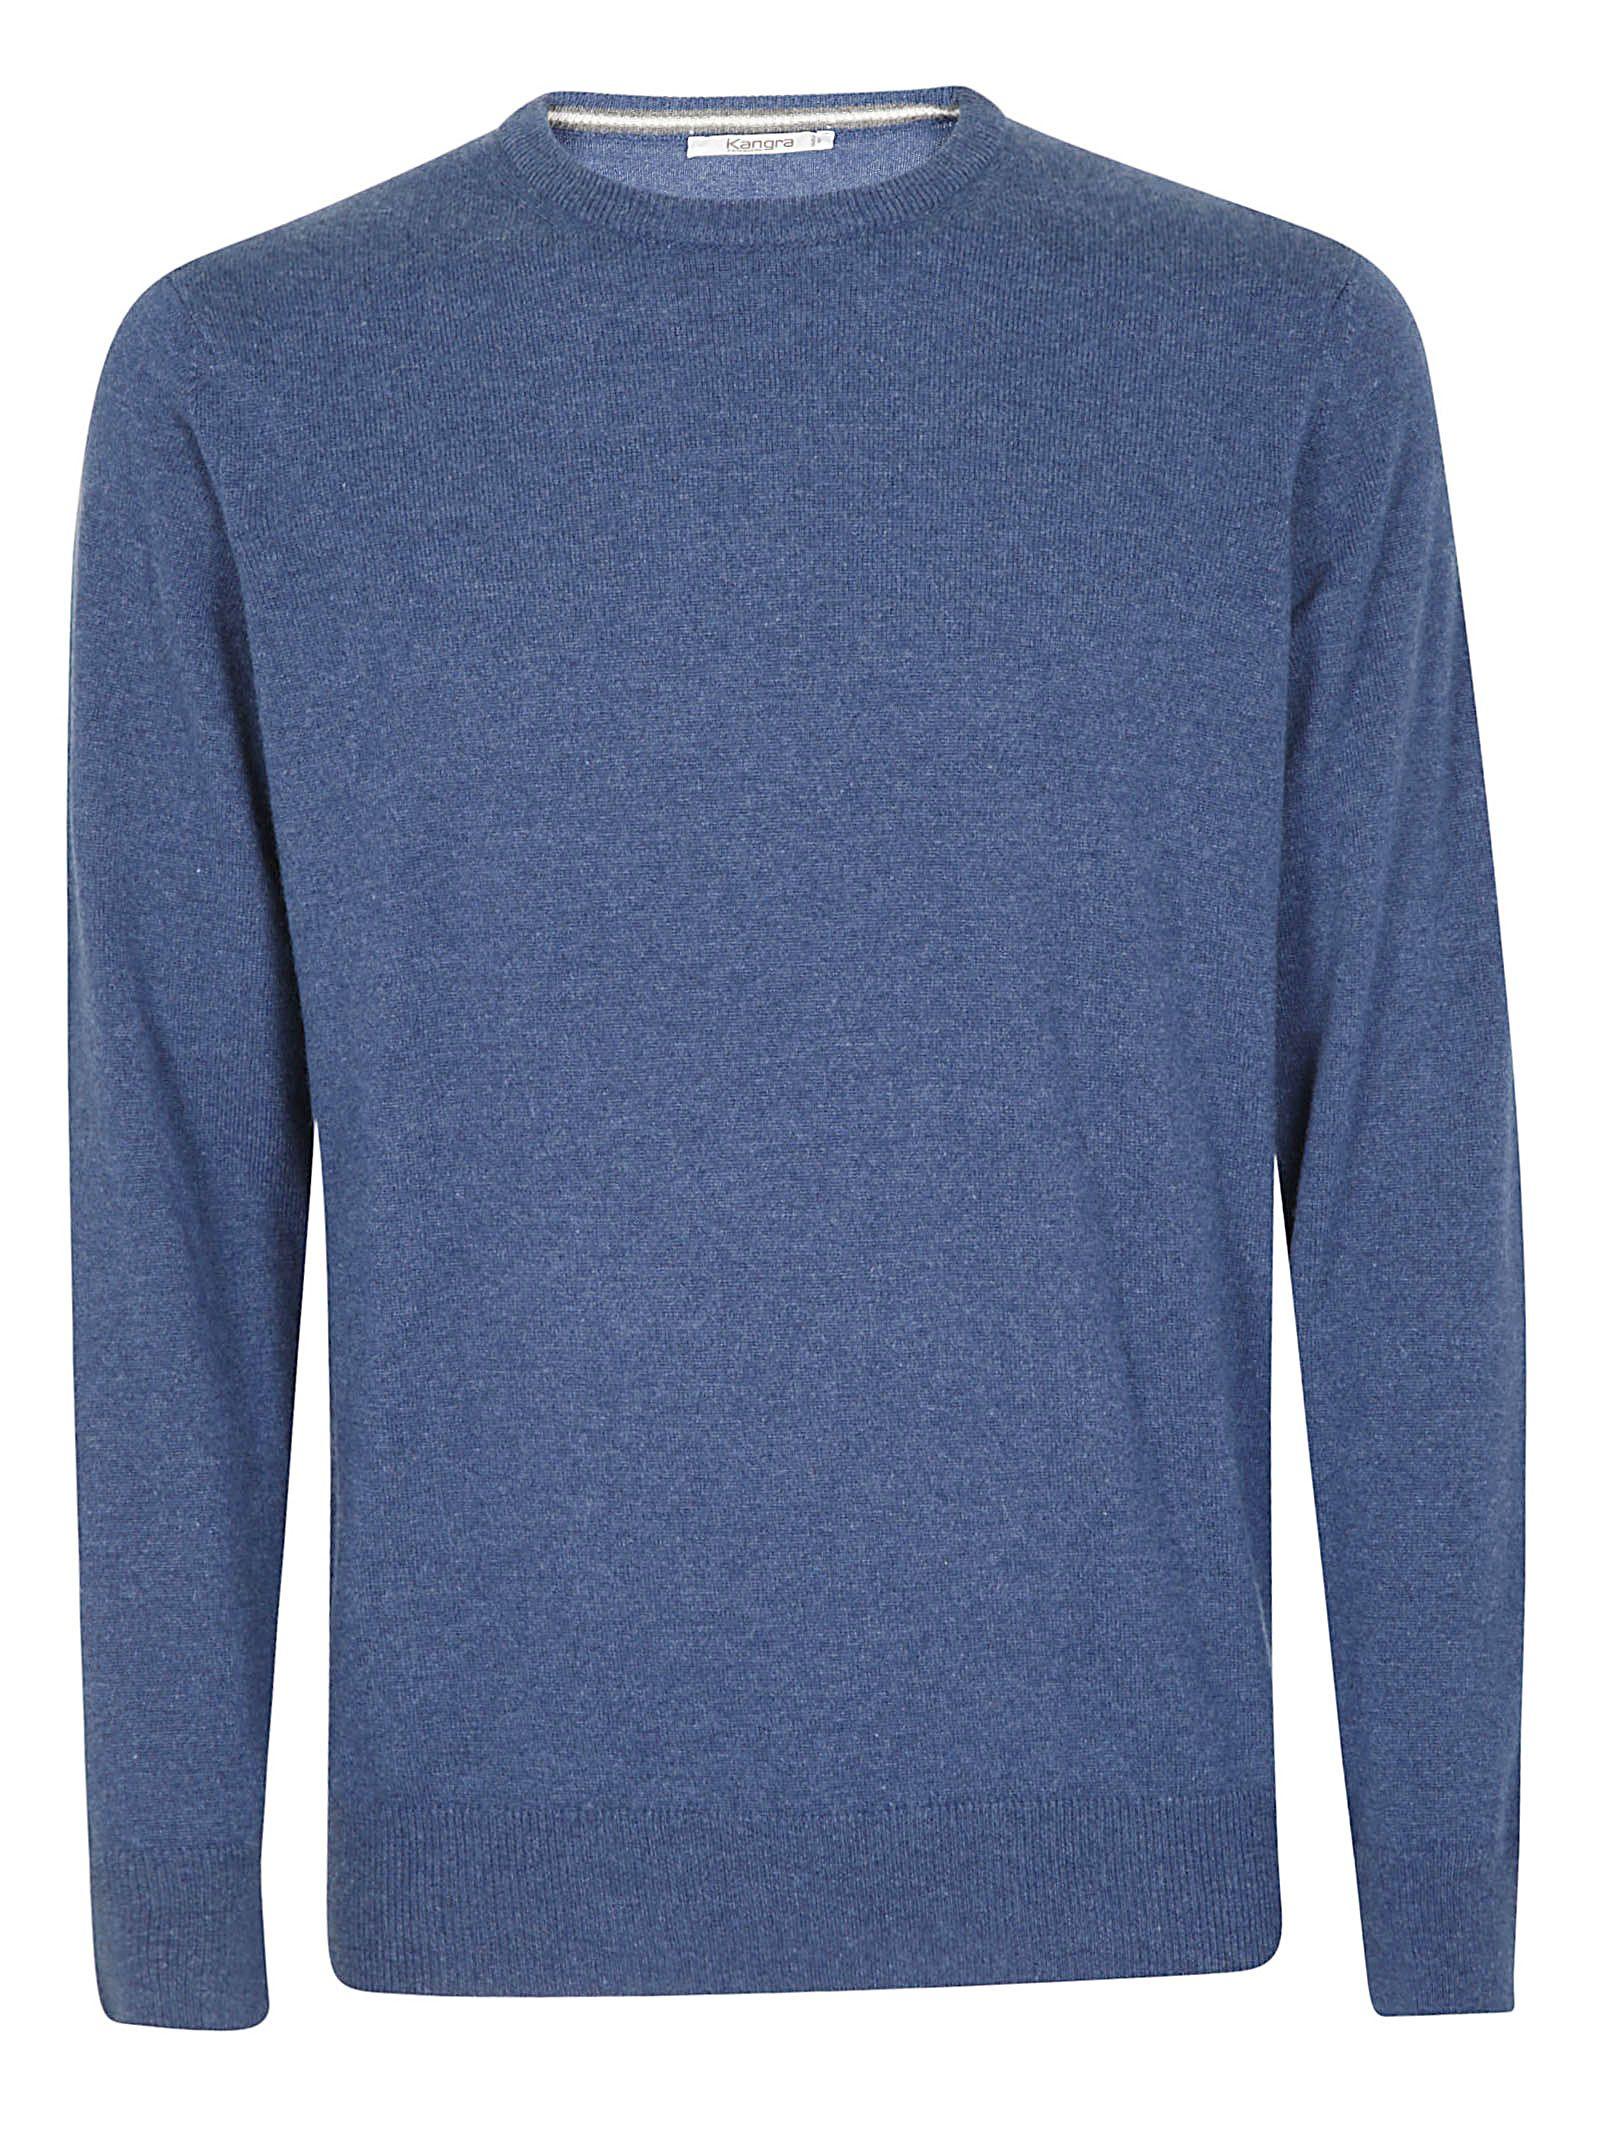 Kangra Knitted Sweater